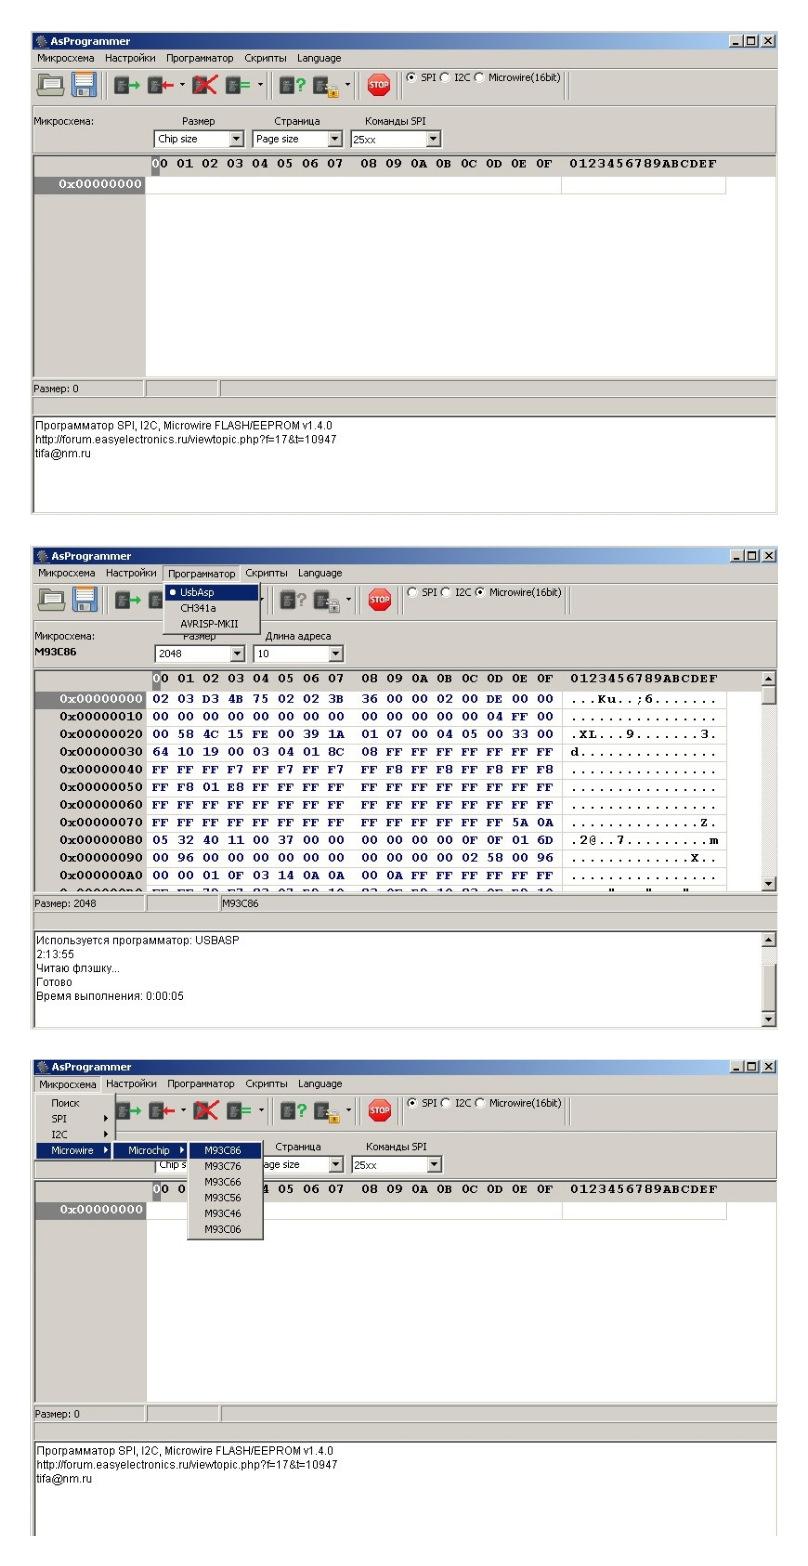 Программатор EEPROM